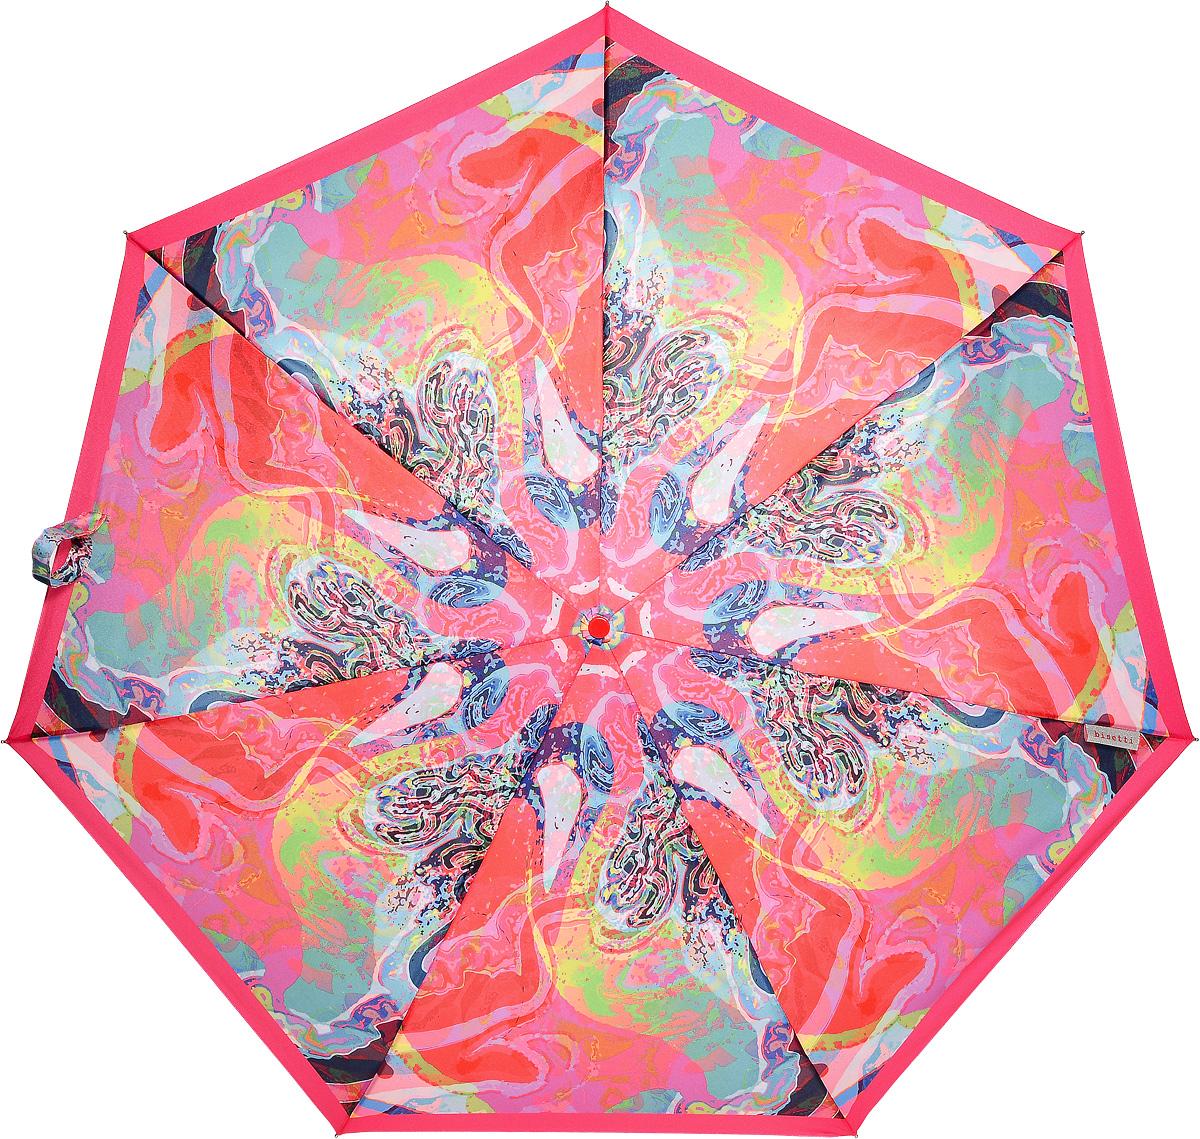 Bisetti 35153-1 Зонт полный автом. 3 сл. жен.REM12-CAM-REDBLACKЗонт испанского производителя Clima. В производстве зонтов используются современные материалы, что делает зонты легкими, но в то же время крепкими. Полный автомат, 3 сложения, 8 спиц по 54 см, полиэстер.